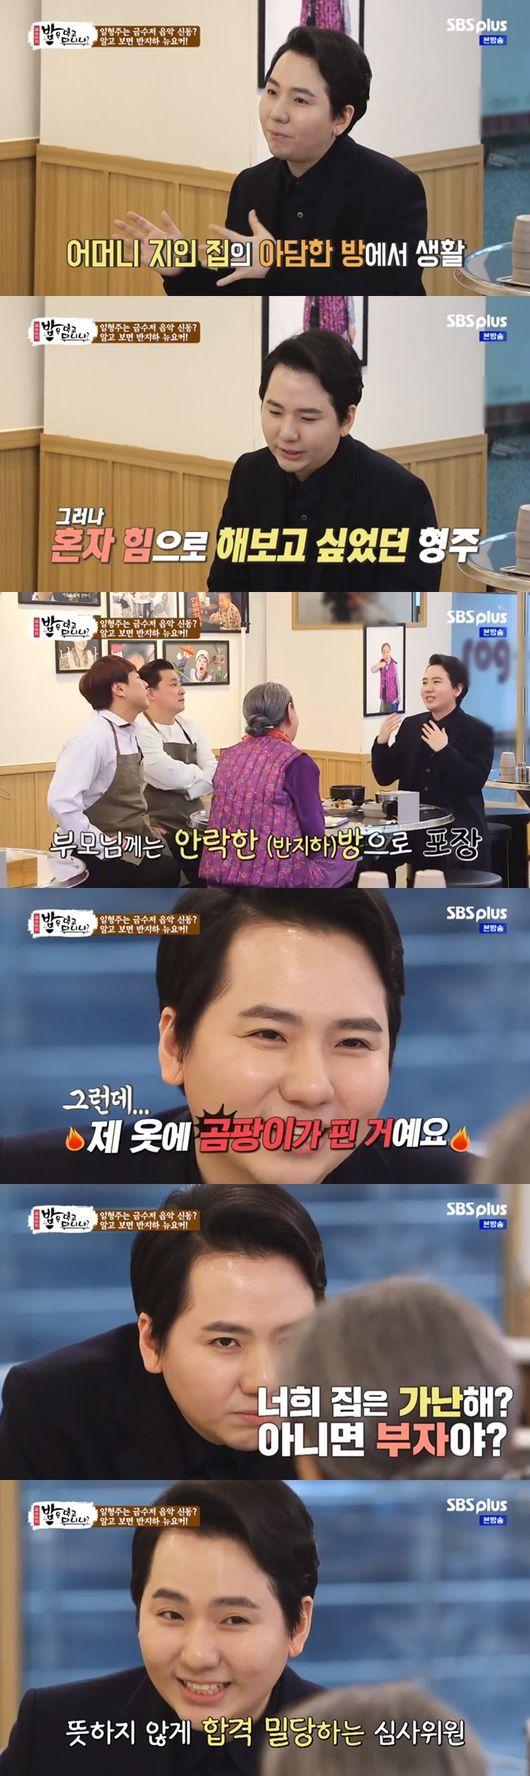 """'밥은 먹고 다니냐' 임형주, 세월호 추모곡 후 블랙리스트? """"스케줄 전부 취소"""" [어저께TV]"""